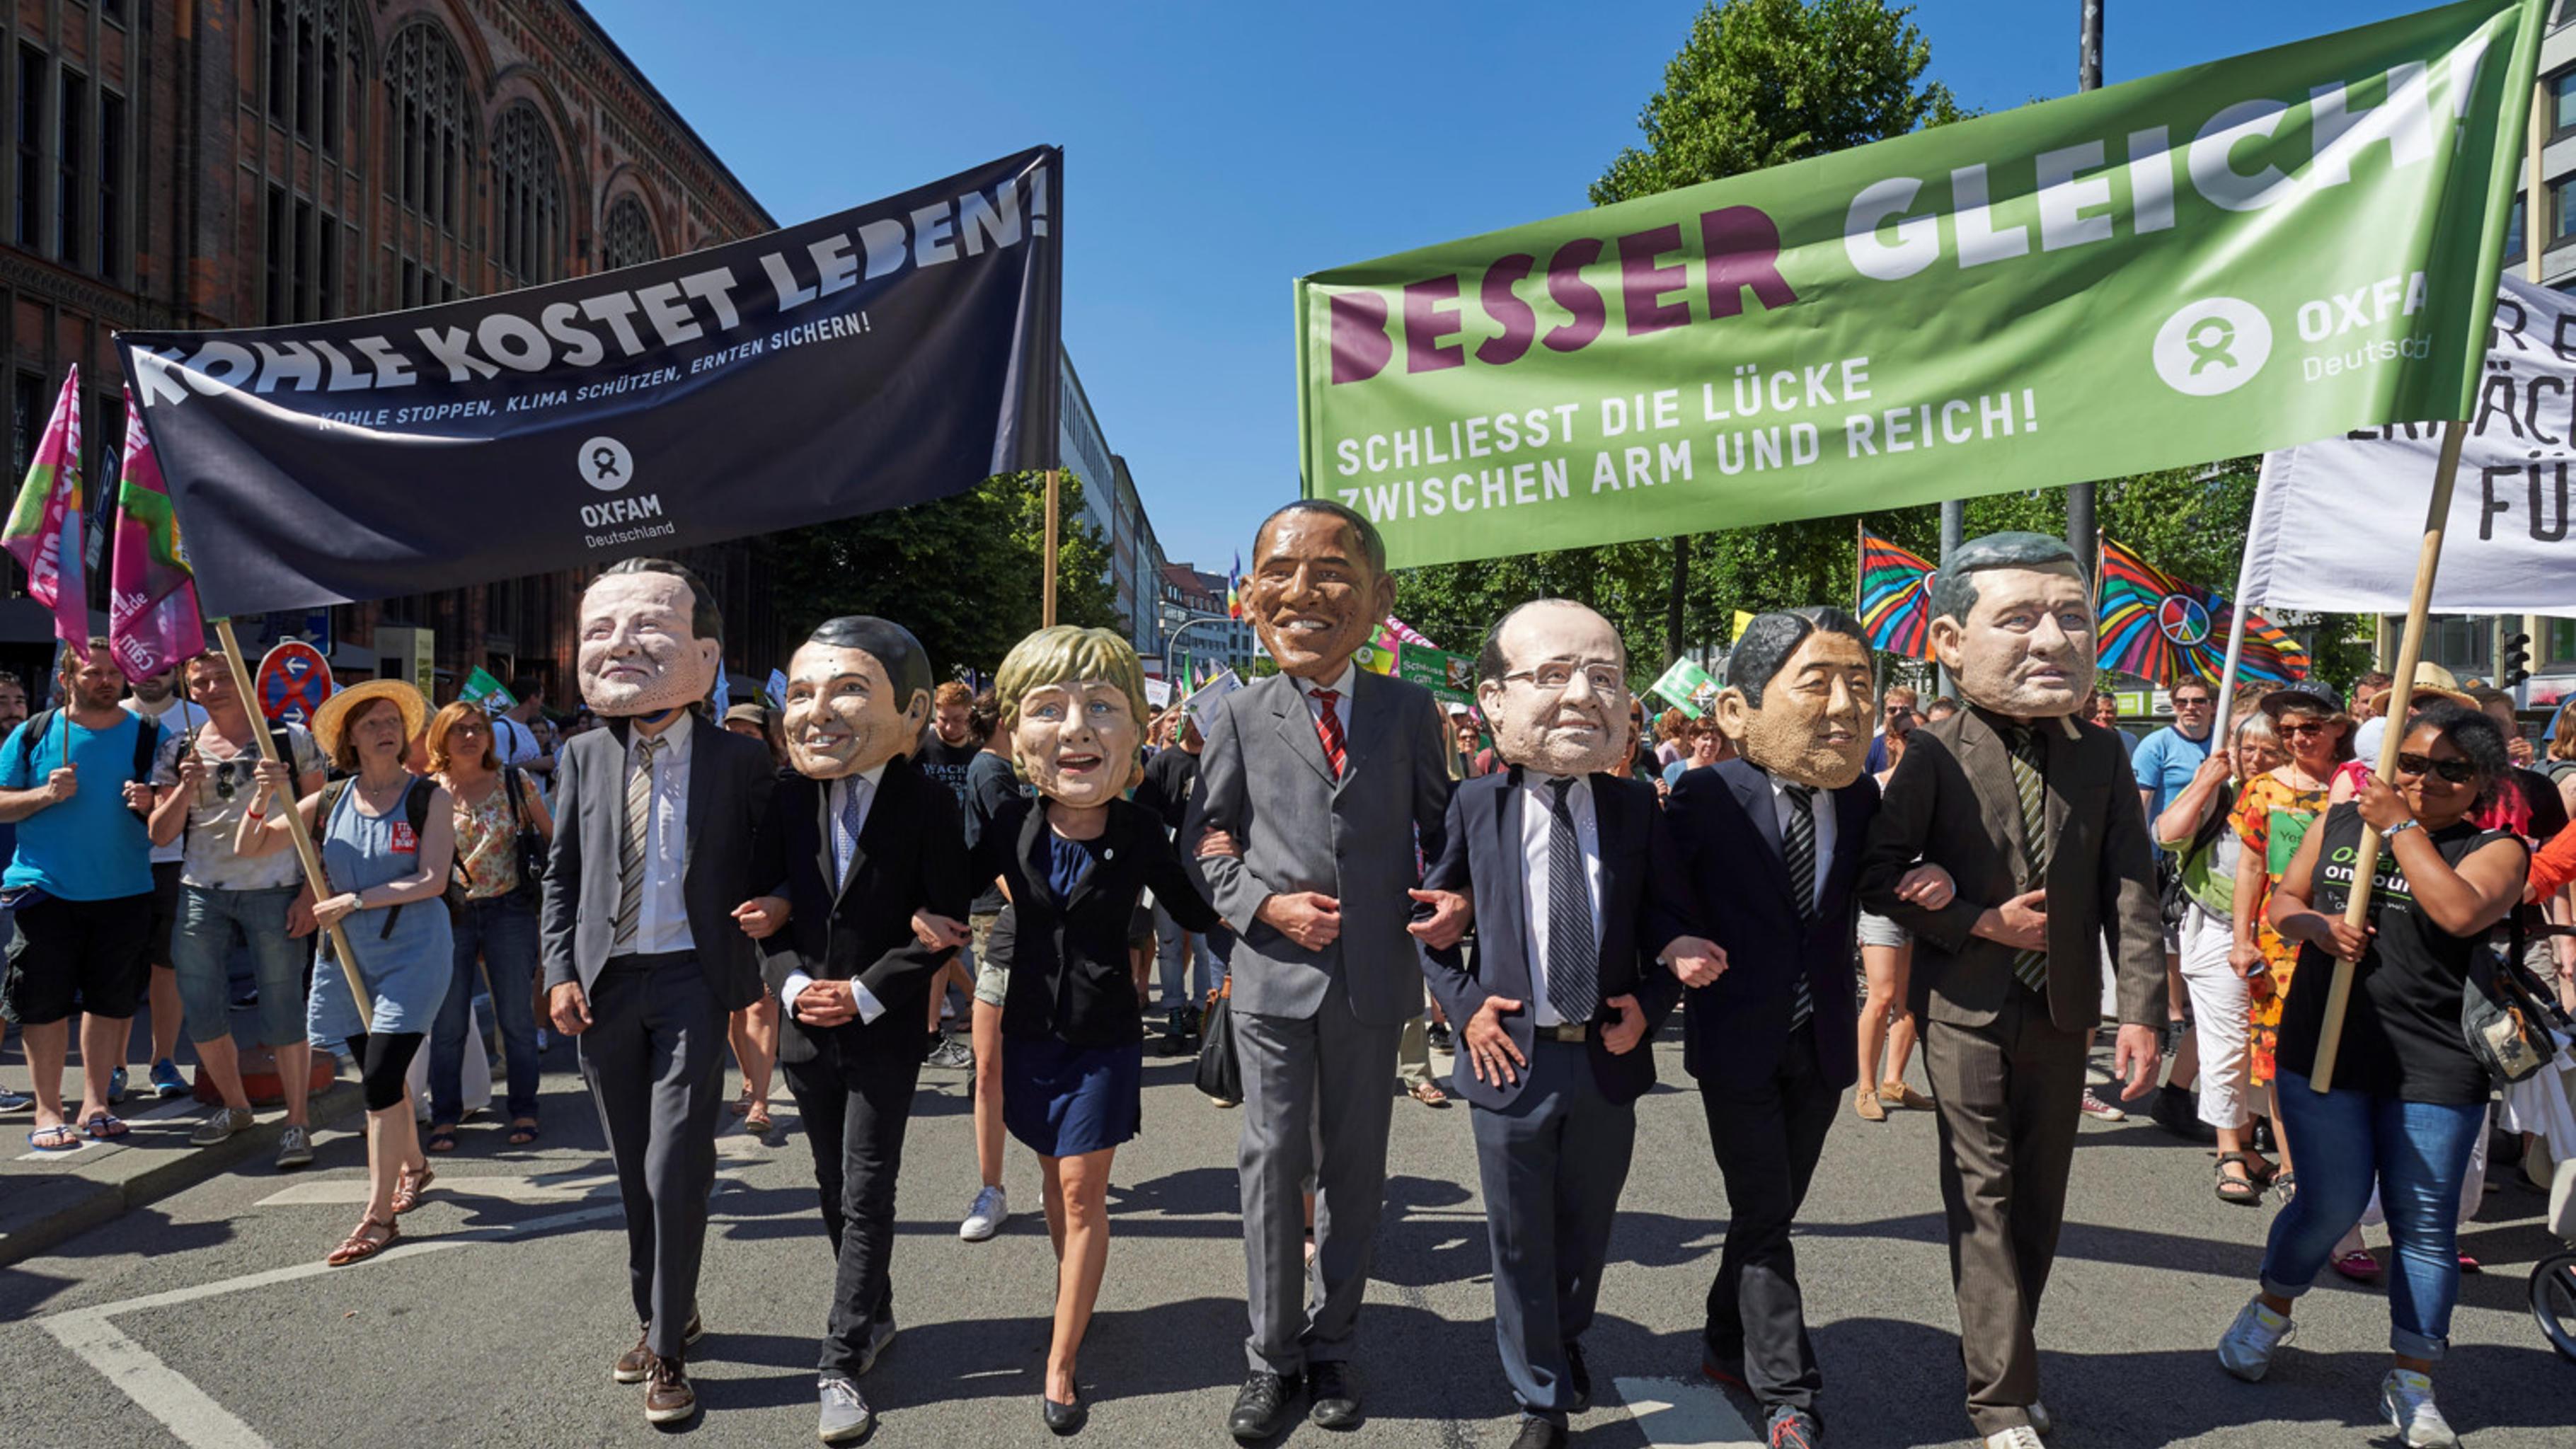 Als G7 verkleidete Aktivist/innen auf einer Demonstration in München